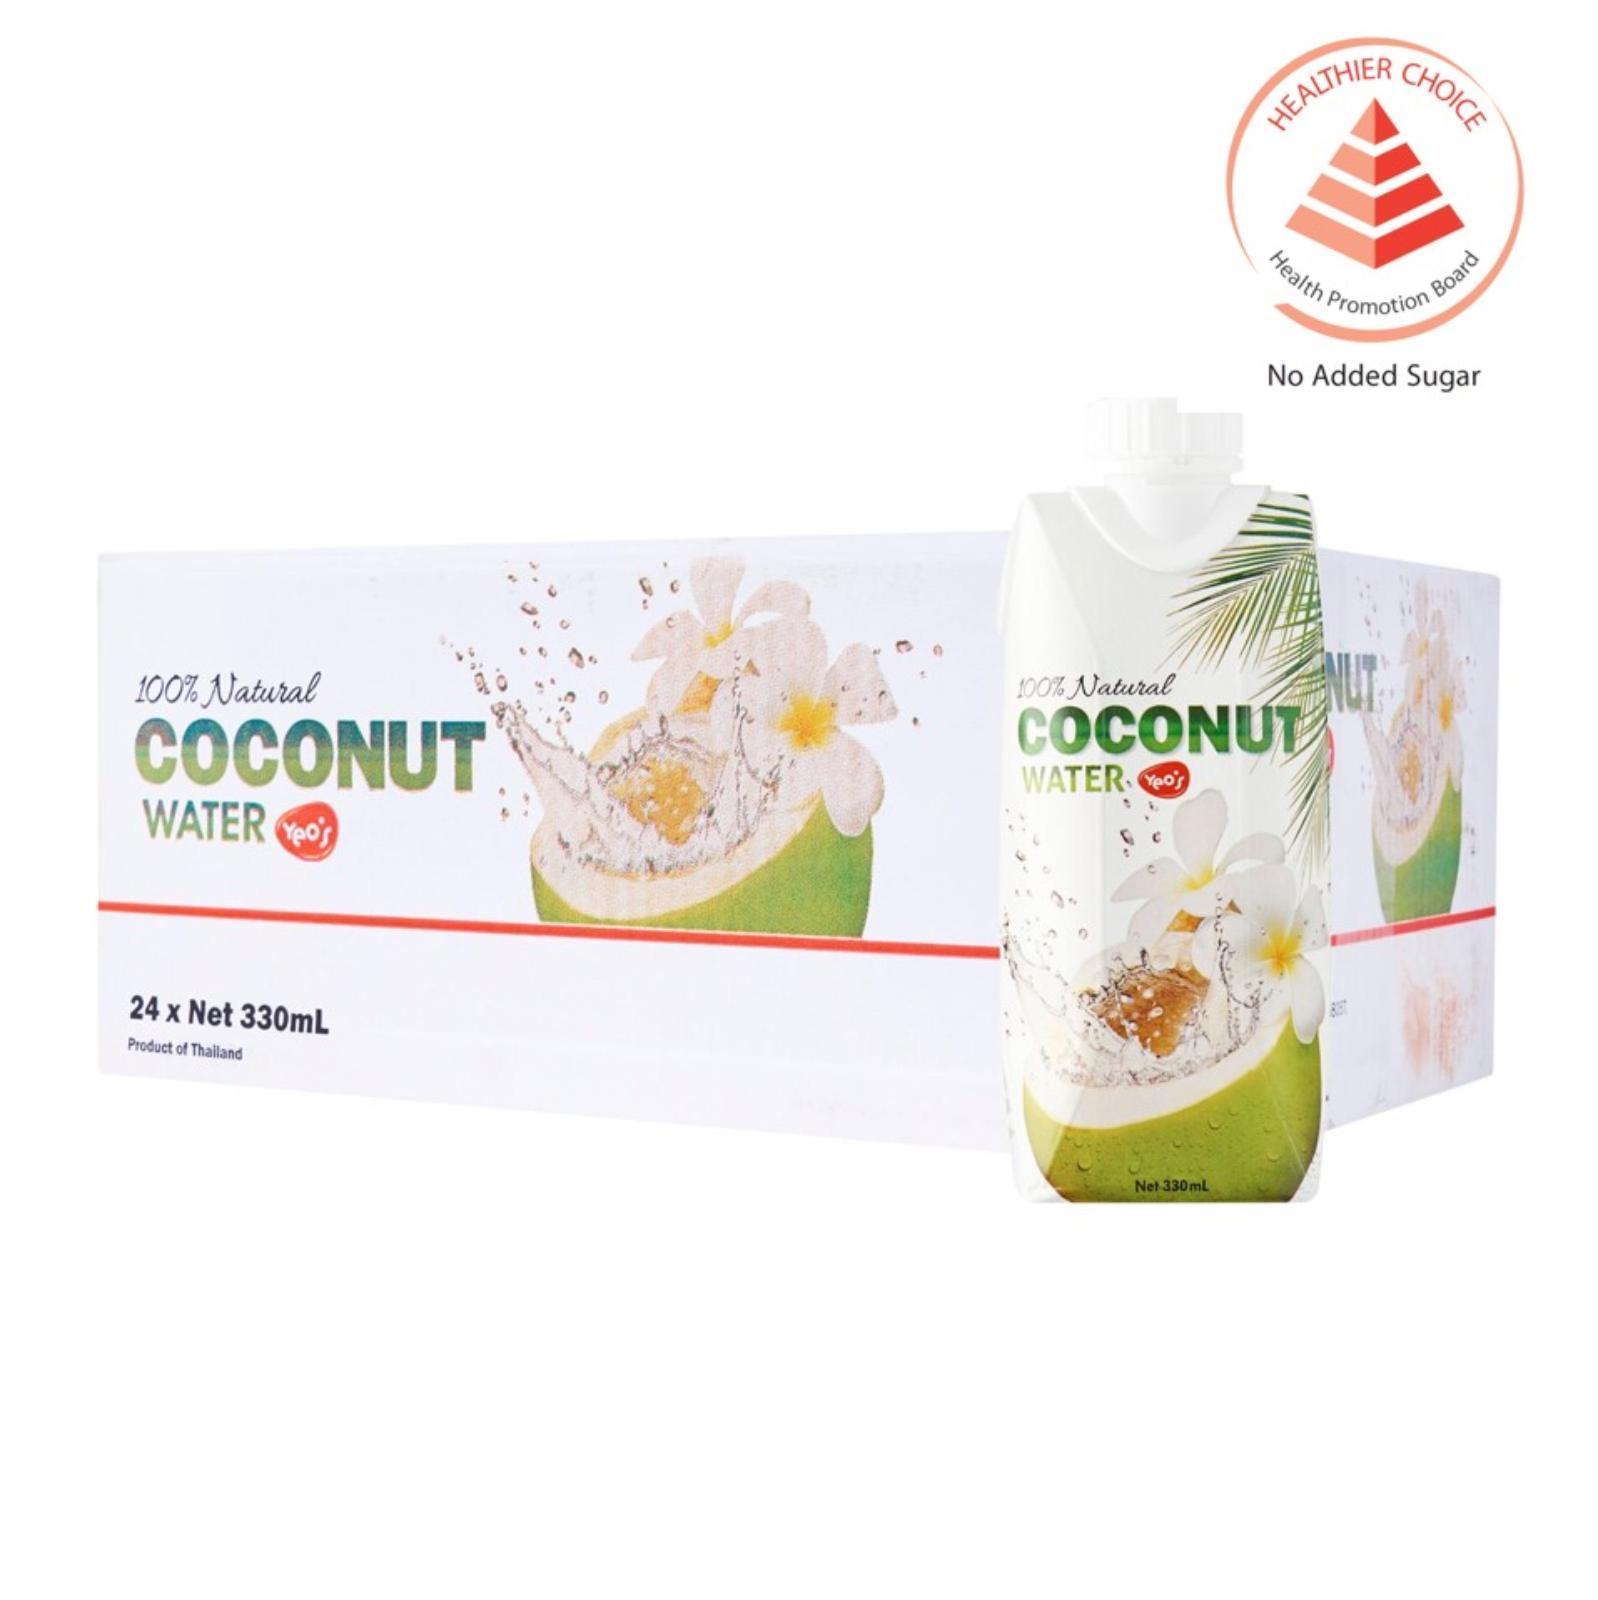 Yeo's 100% Coconut Water Juice - Case